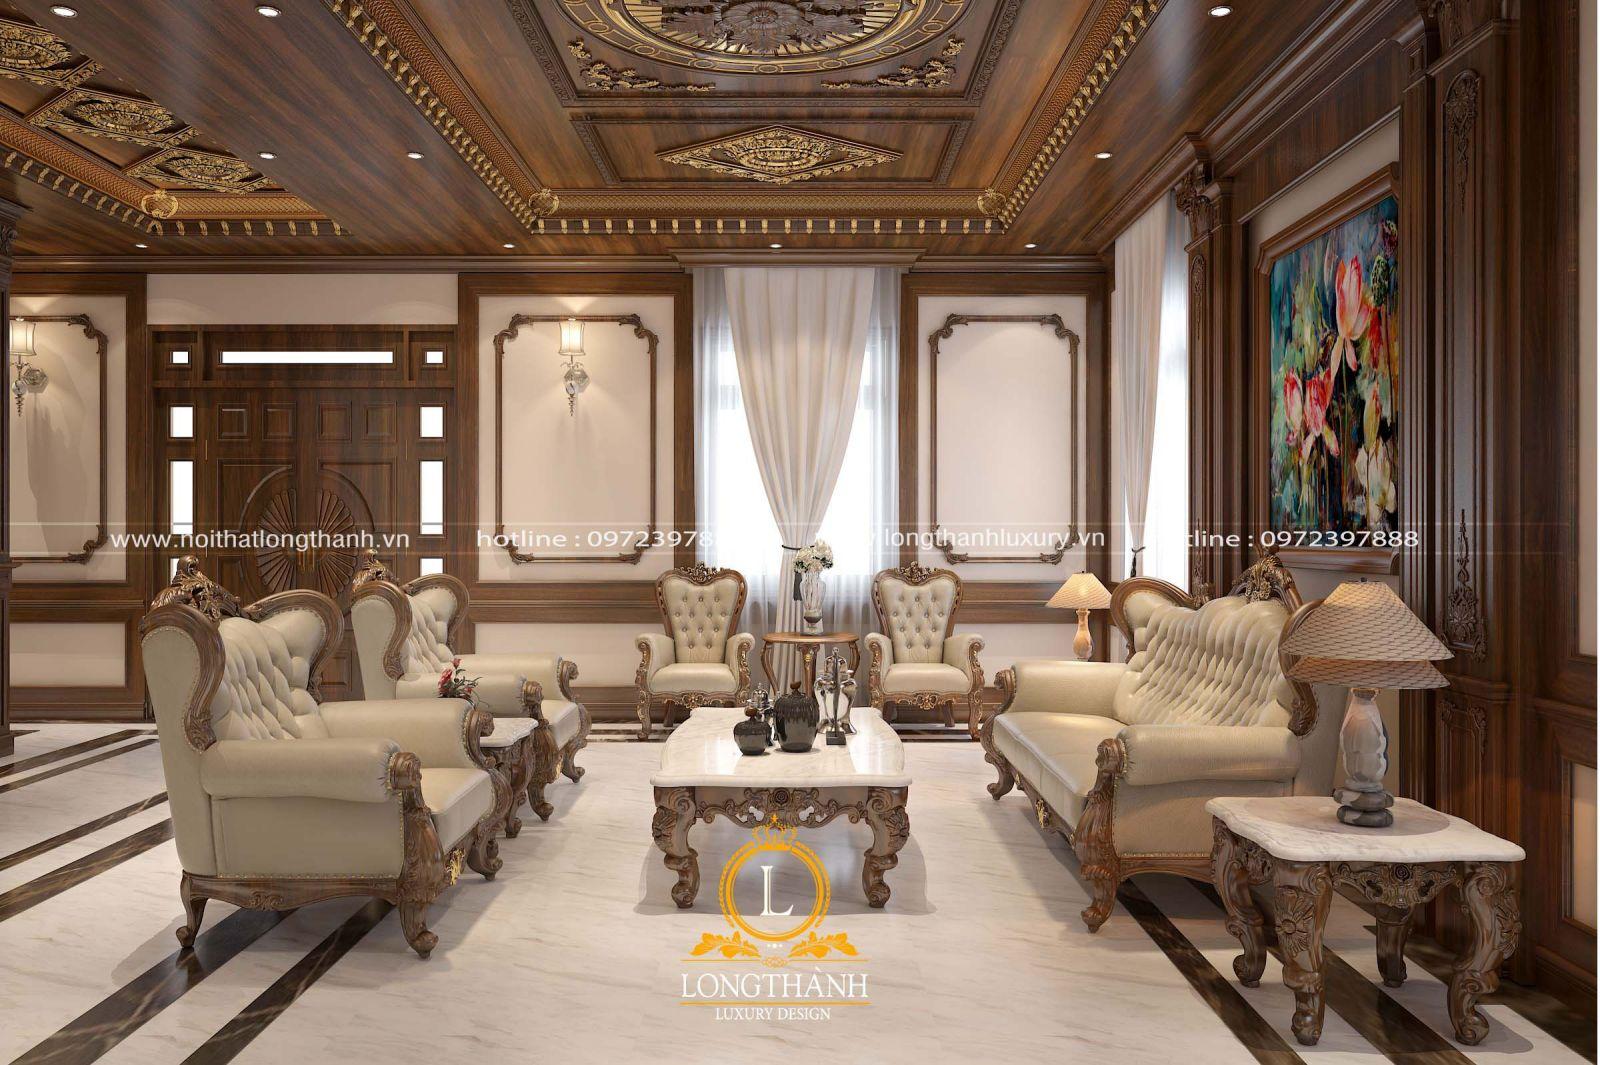 sofa cho nhà biệt thự rộng